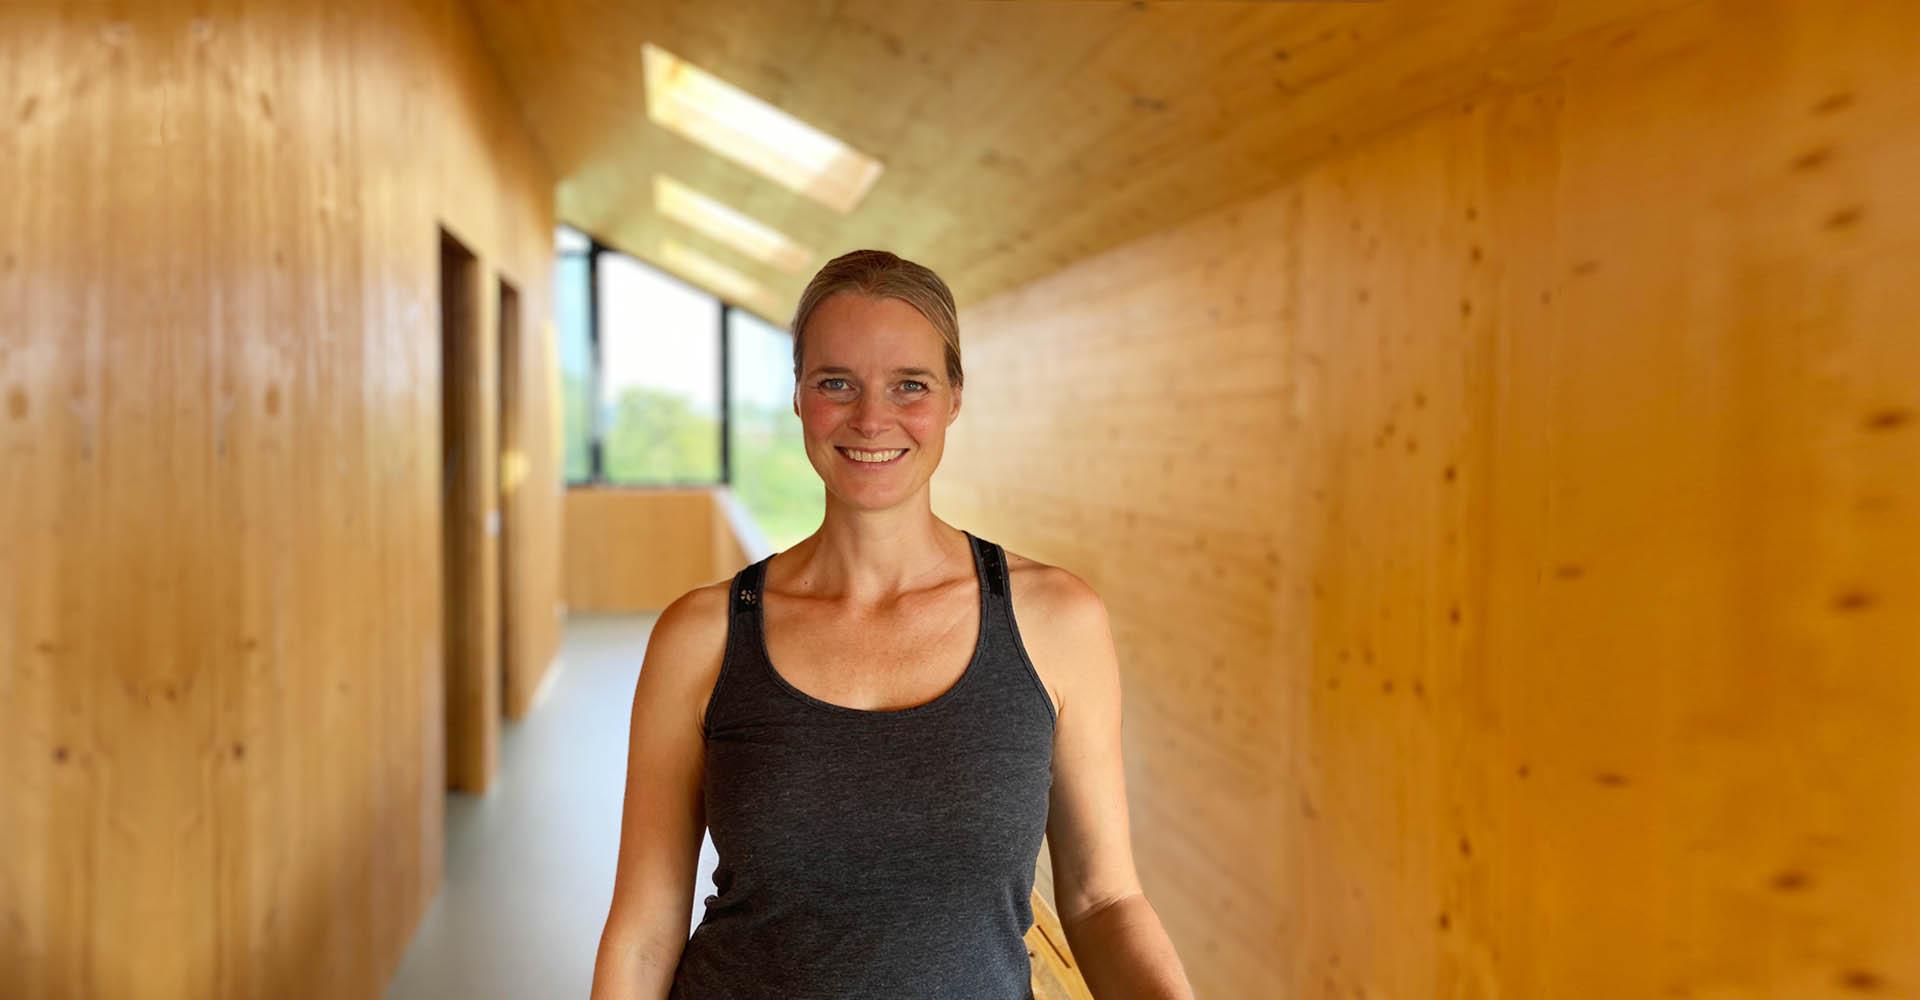 Ik ben Wendy van Slooten-Guldemond, voetreflexmasseur in Delft